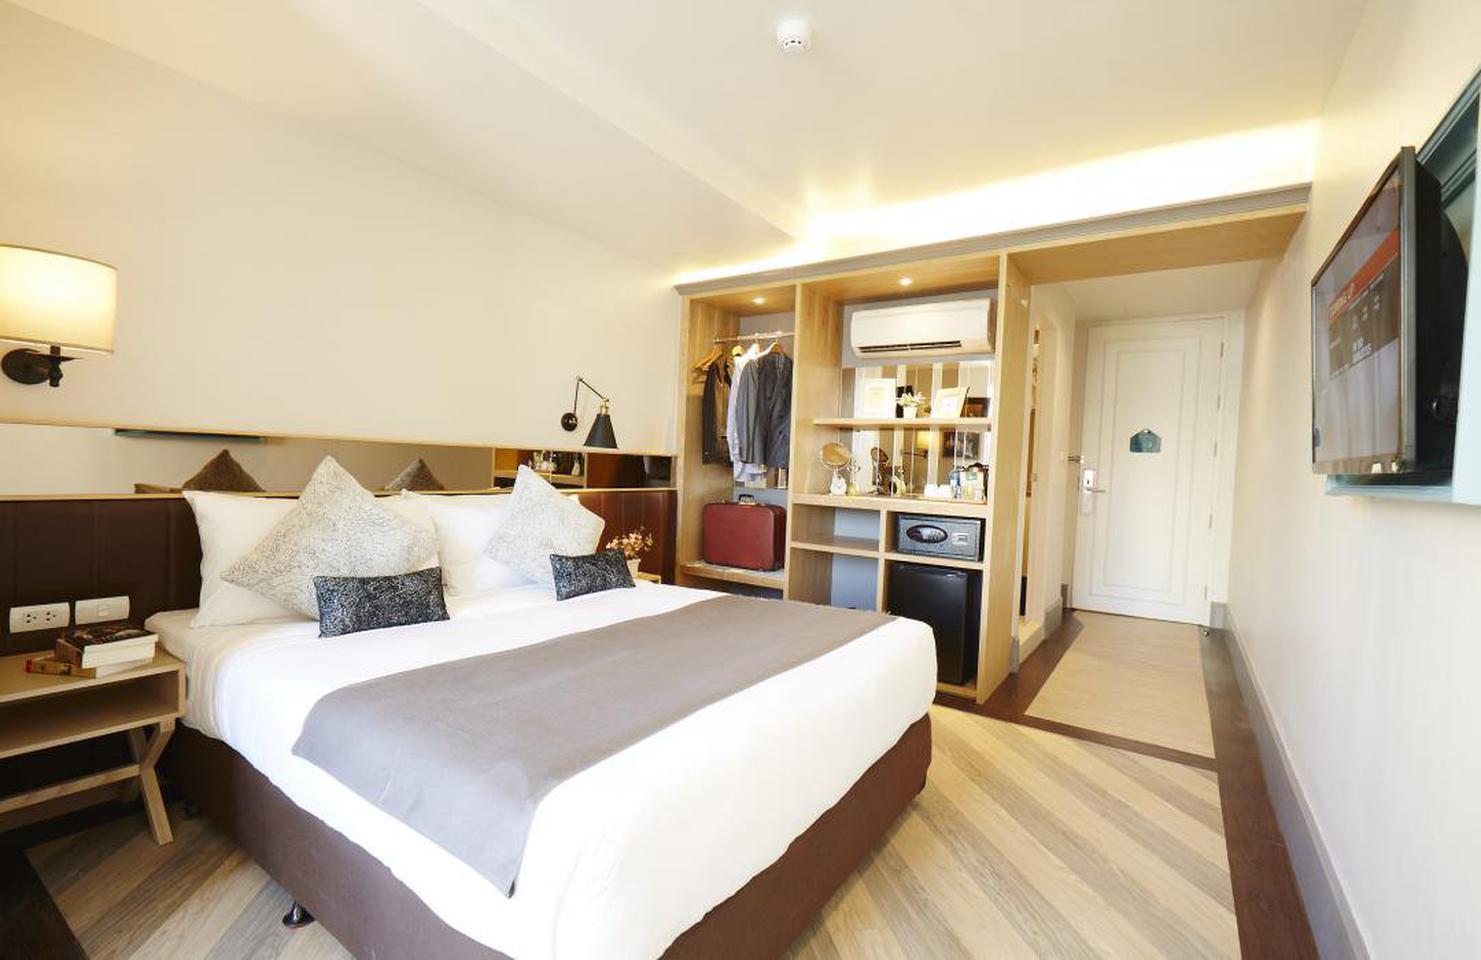 โรงแรมเปิดใหม่ ใจกลางกรุง ติดรถไฟฟ้า ราชเทวี รูปที่ 5